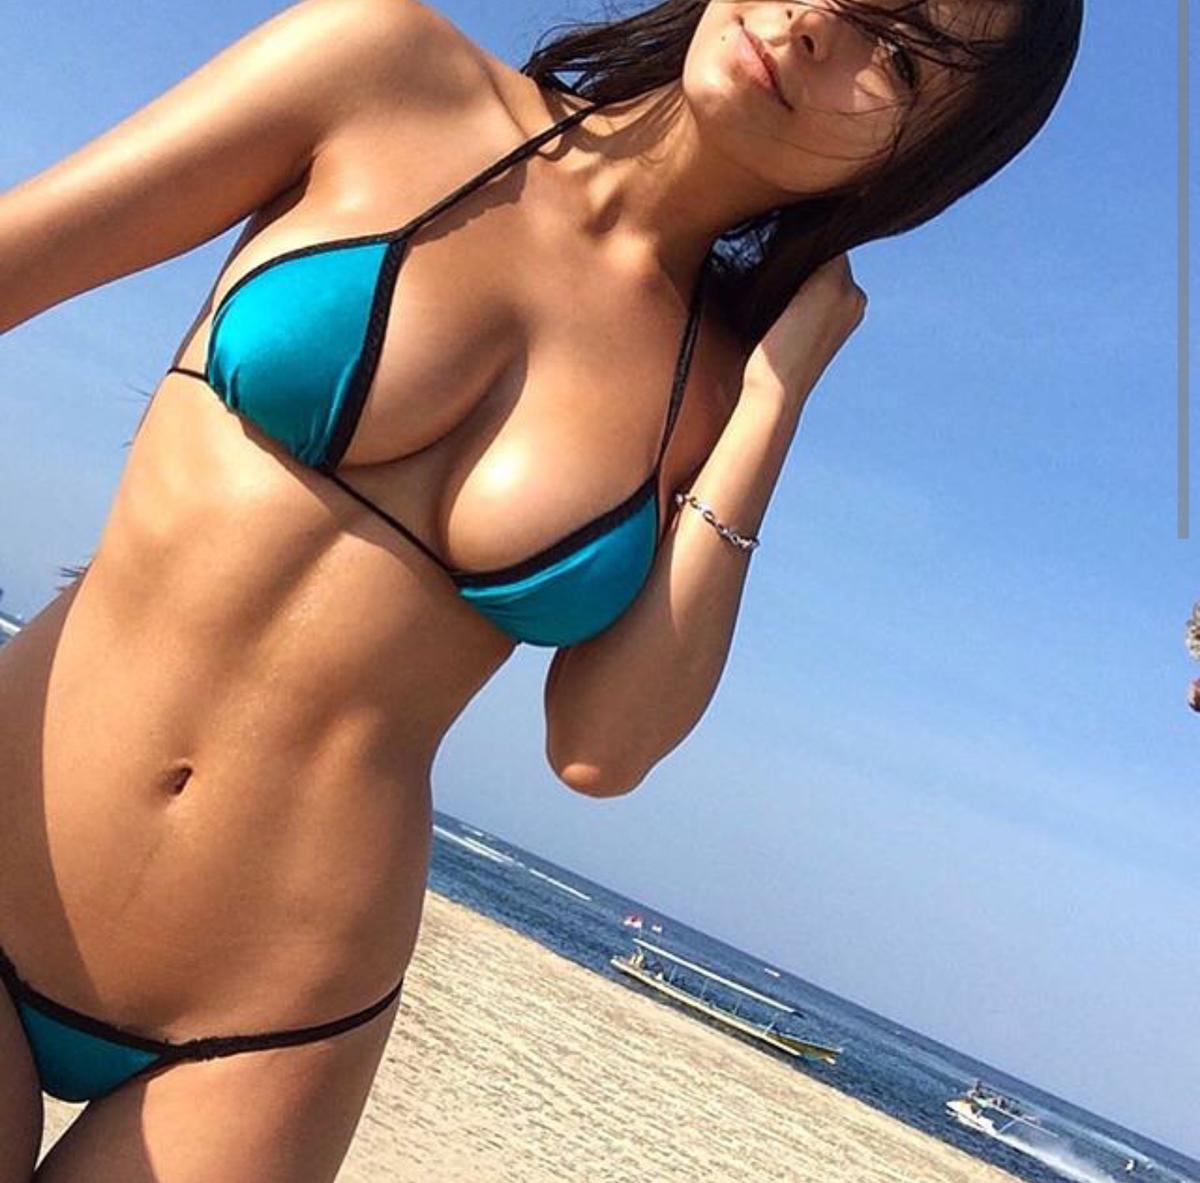 любительская порно фото классных телочек в бикини резко крепко